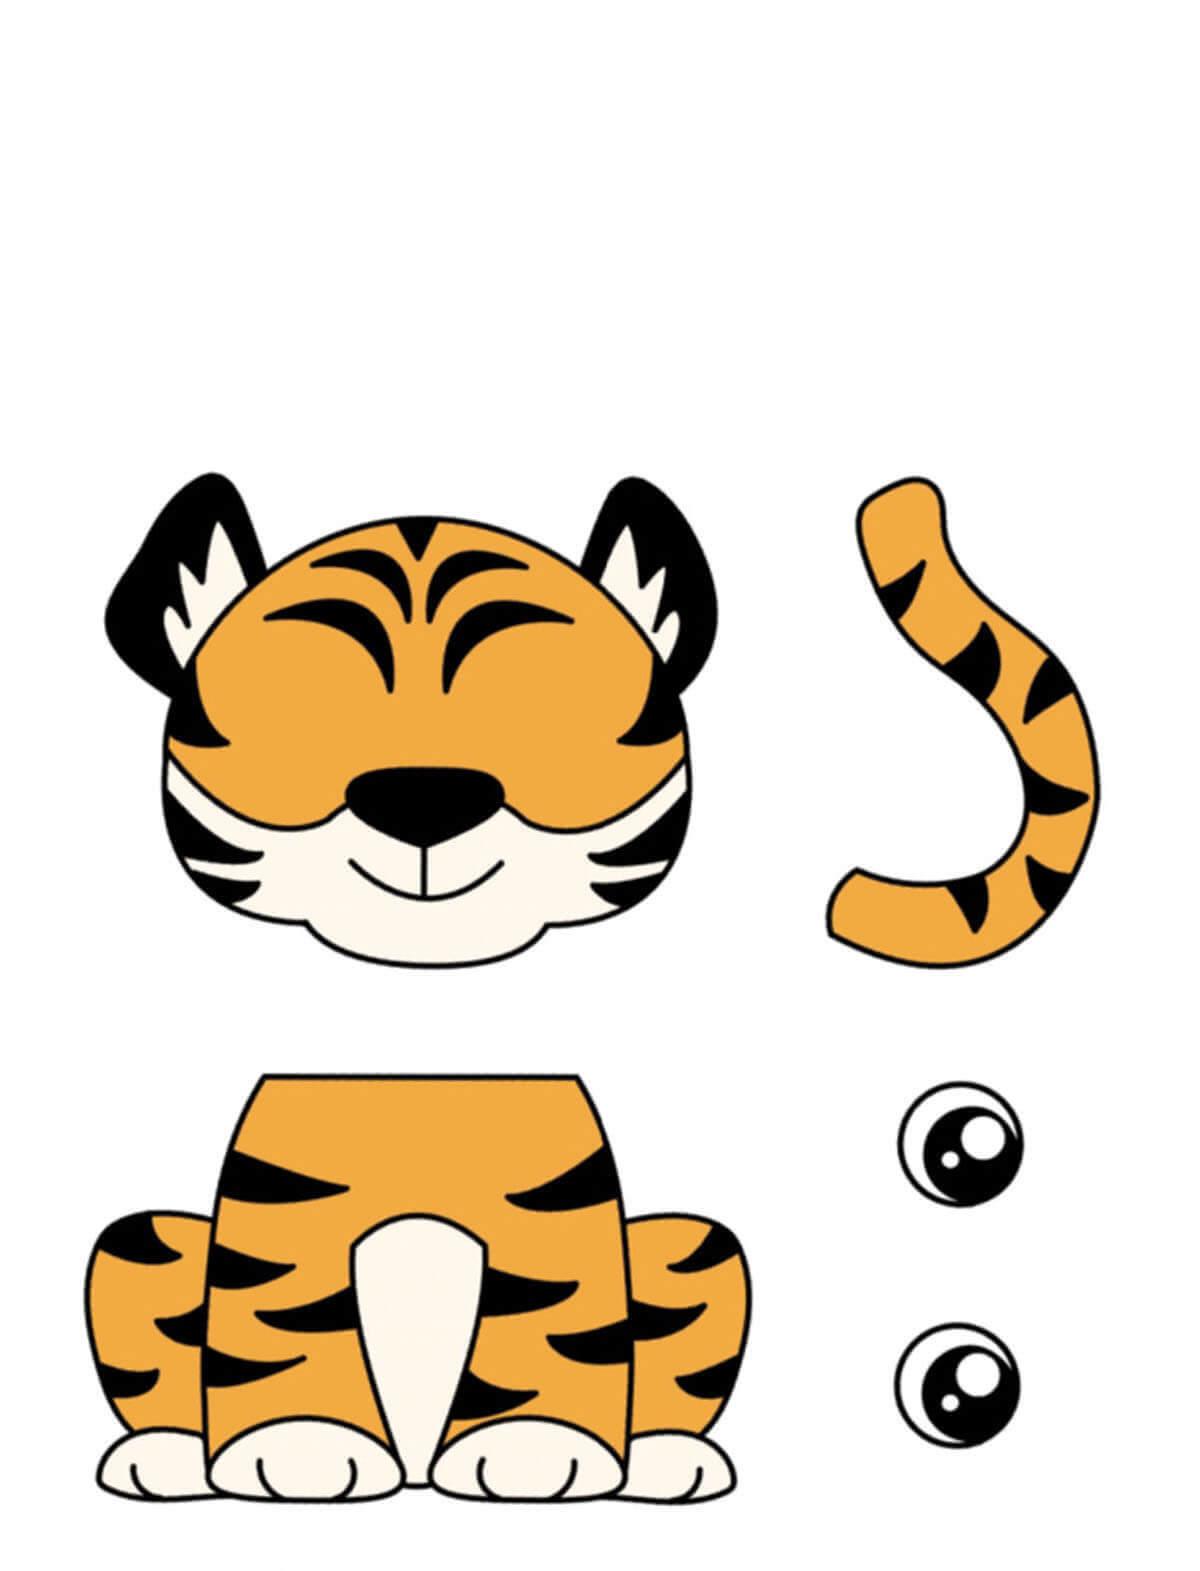 Аппликация Тигр из бумаги для детей (шаблон)